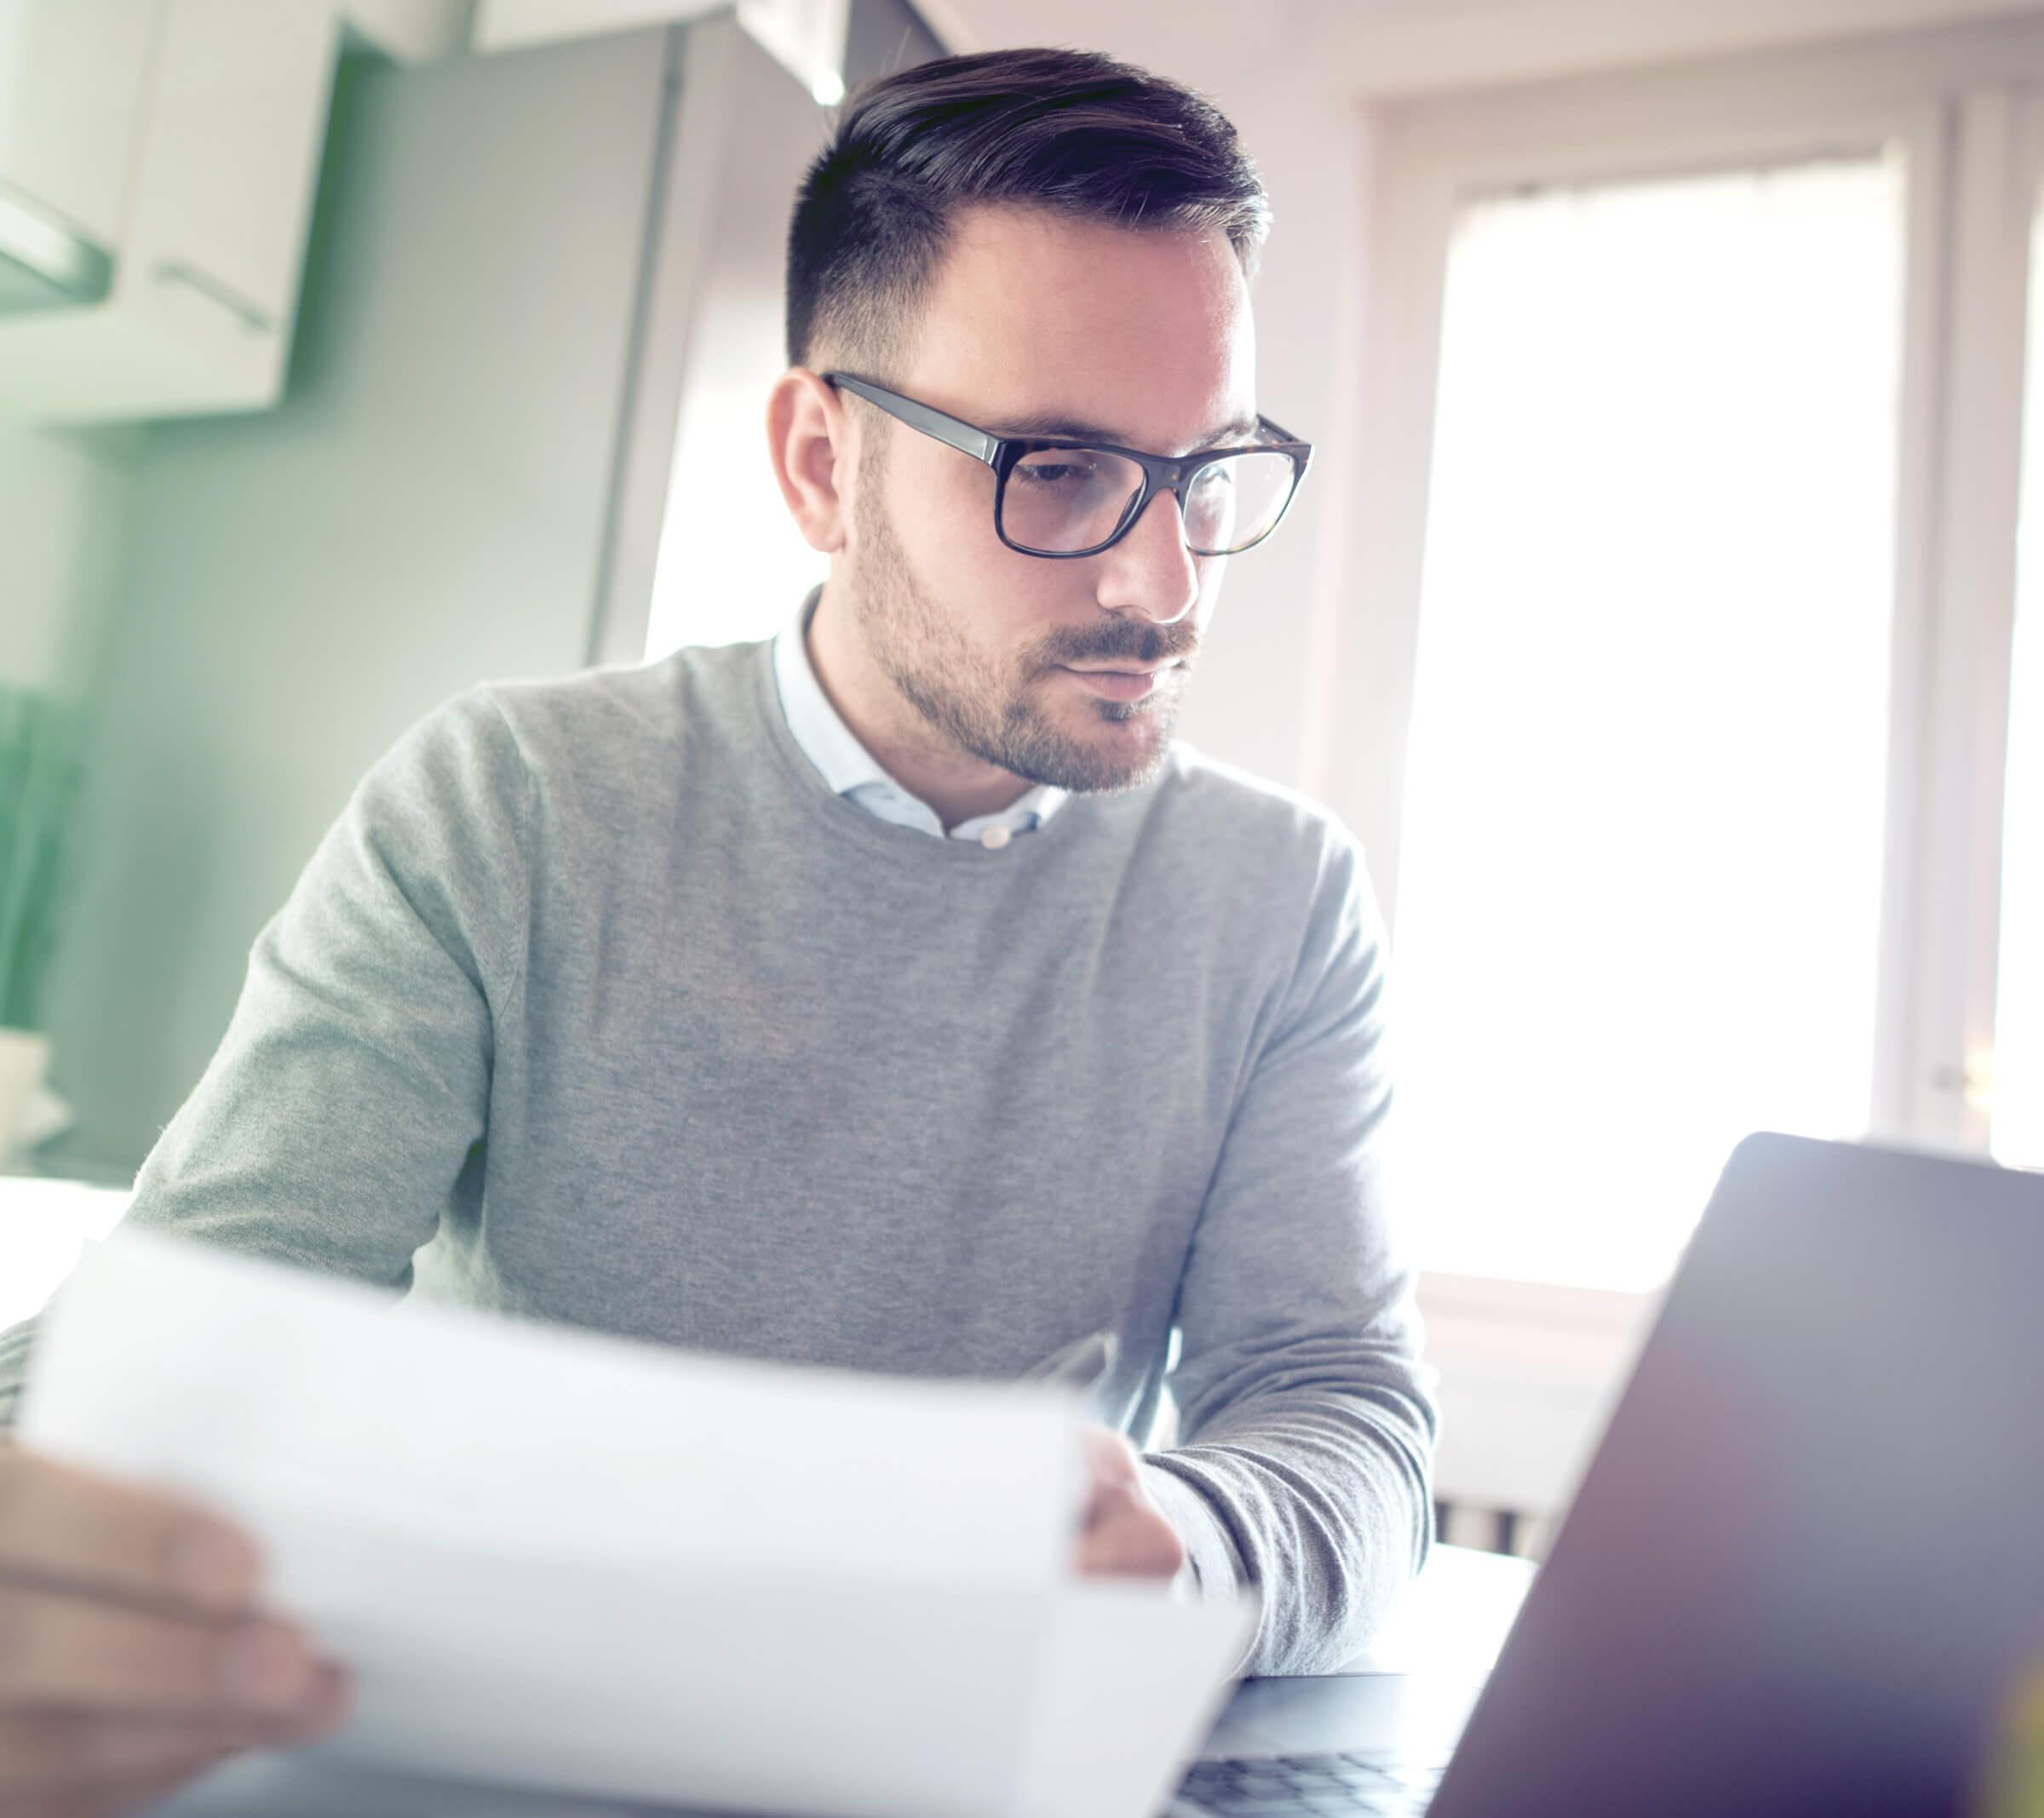 Inwestor patrzący na laptop zainteresowany niskimi opłatami u brokera internetowego LYNX